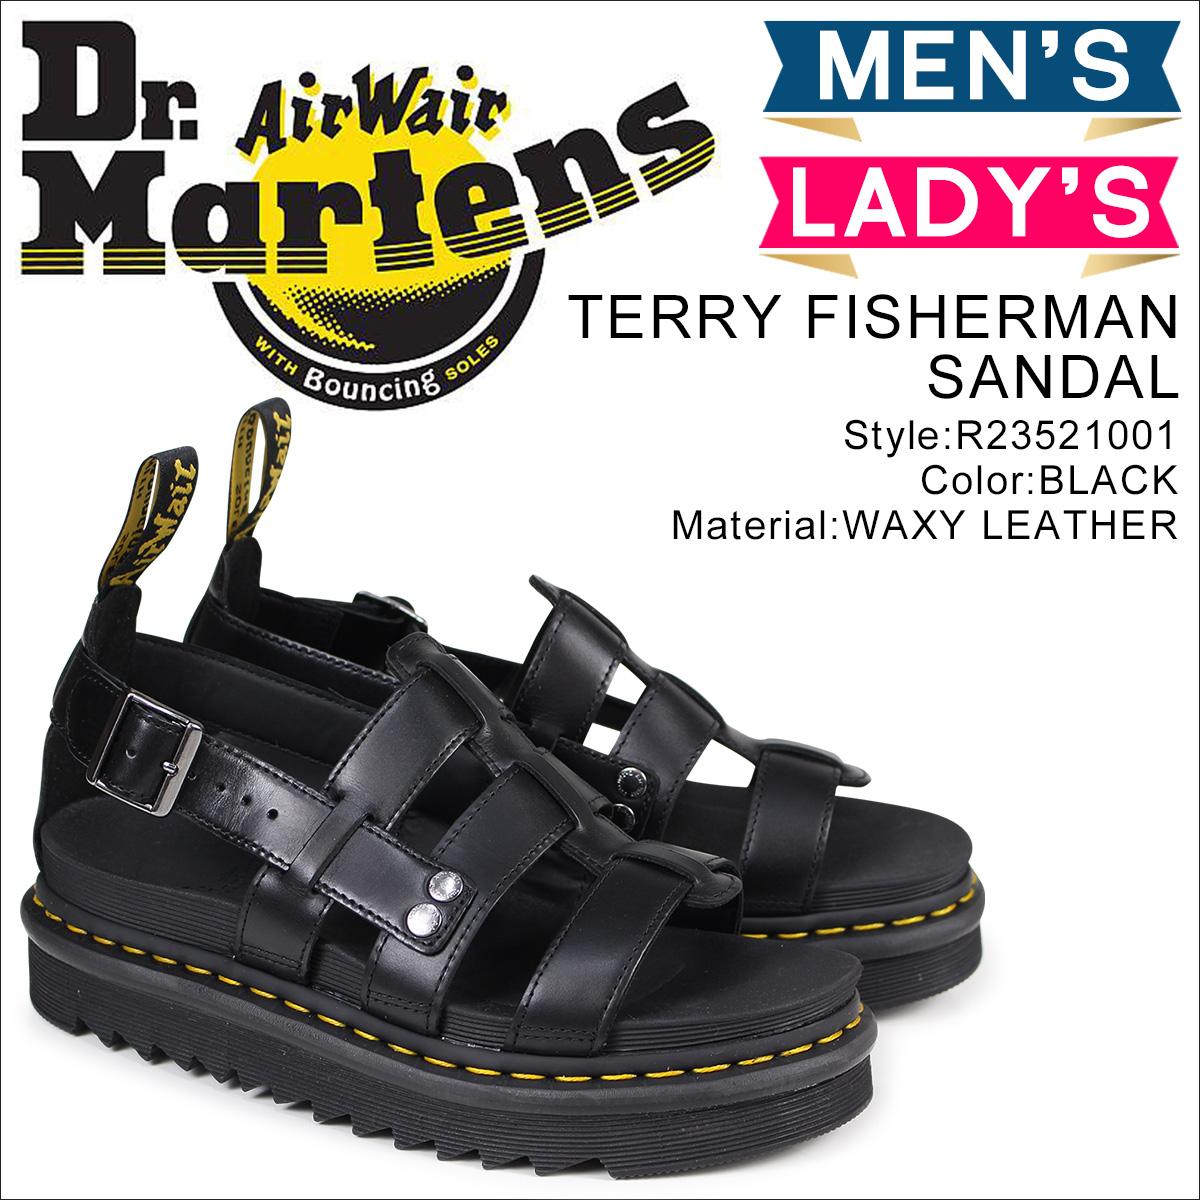 ドクターマーチン Dr. Martens サンダル テリー フィッシャーマン メンズ レディース TERRY FISHERMAN SANDAL ブラック 黒 R23521001